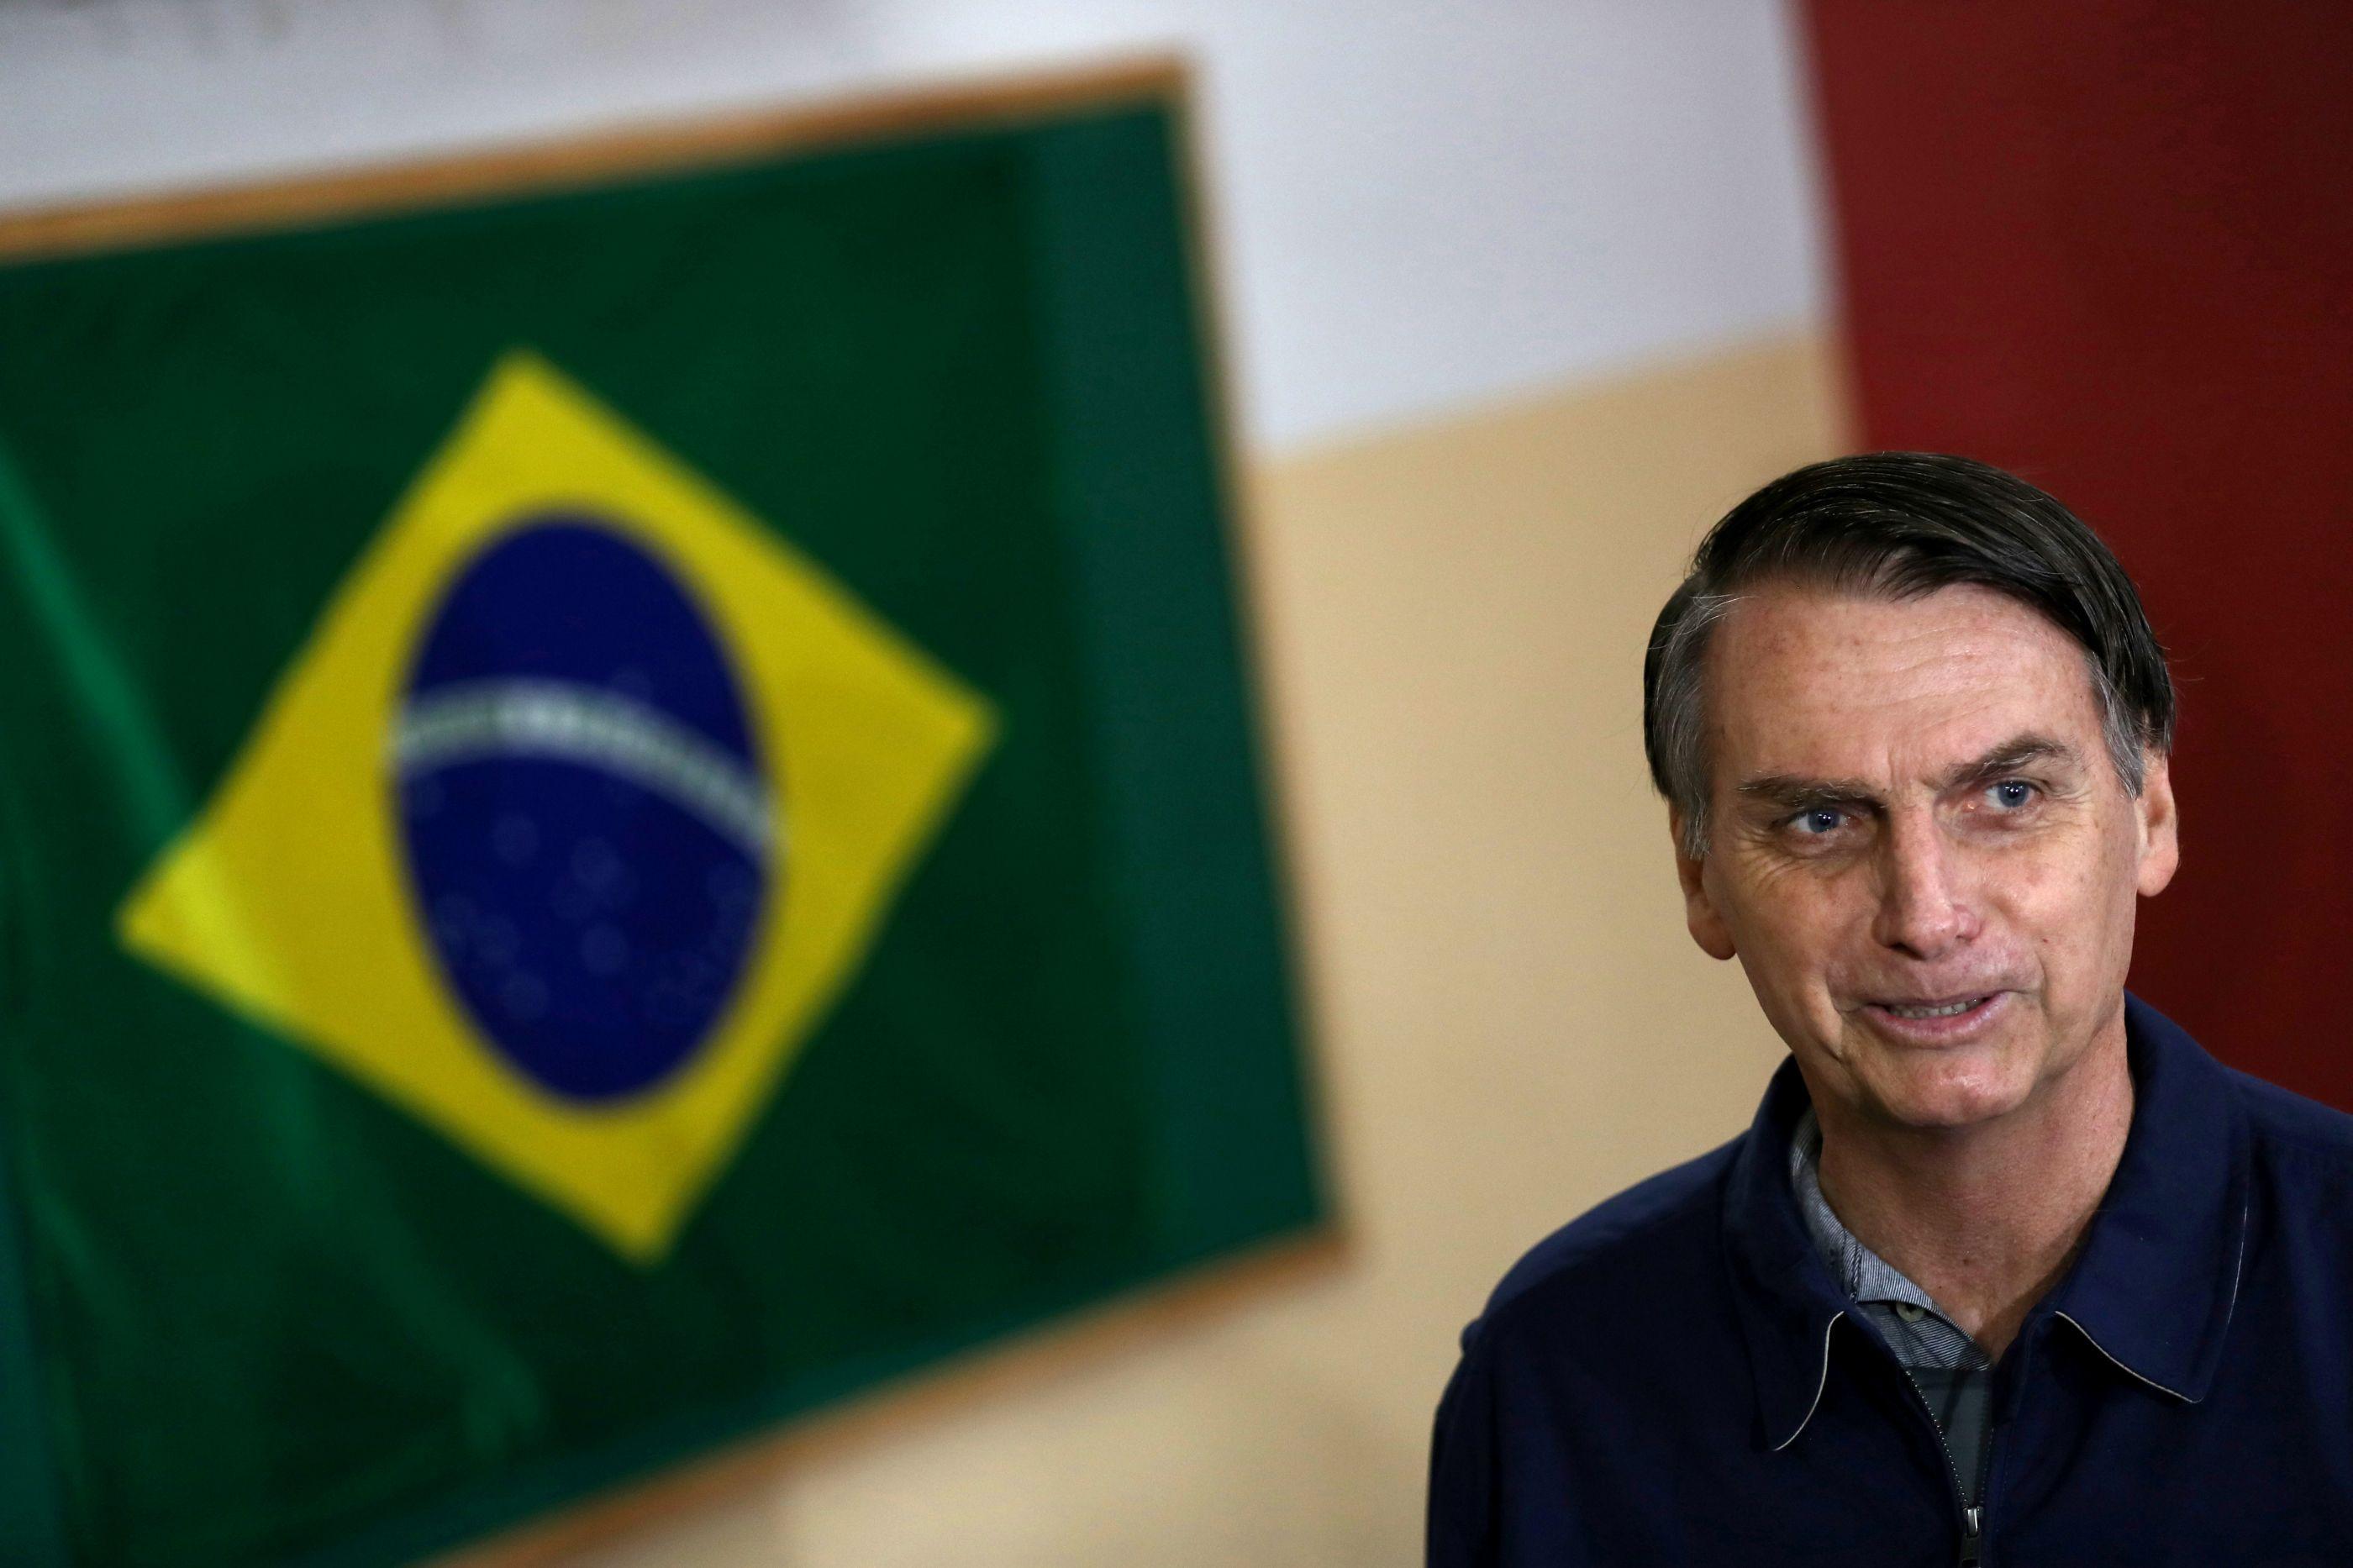 Emigrante portuguesa faz campanha por Bolsonaro nas redes sociais